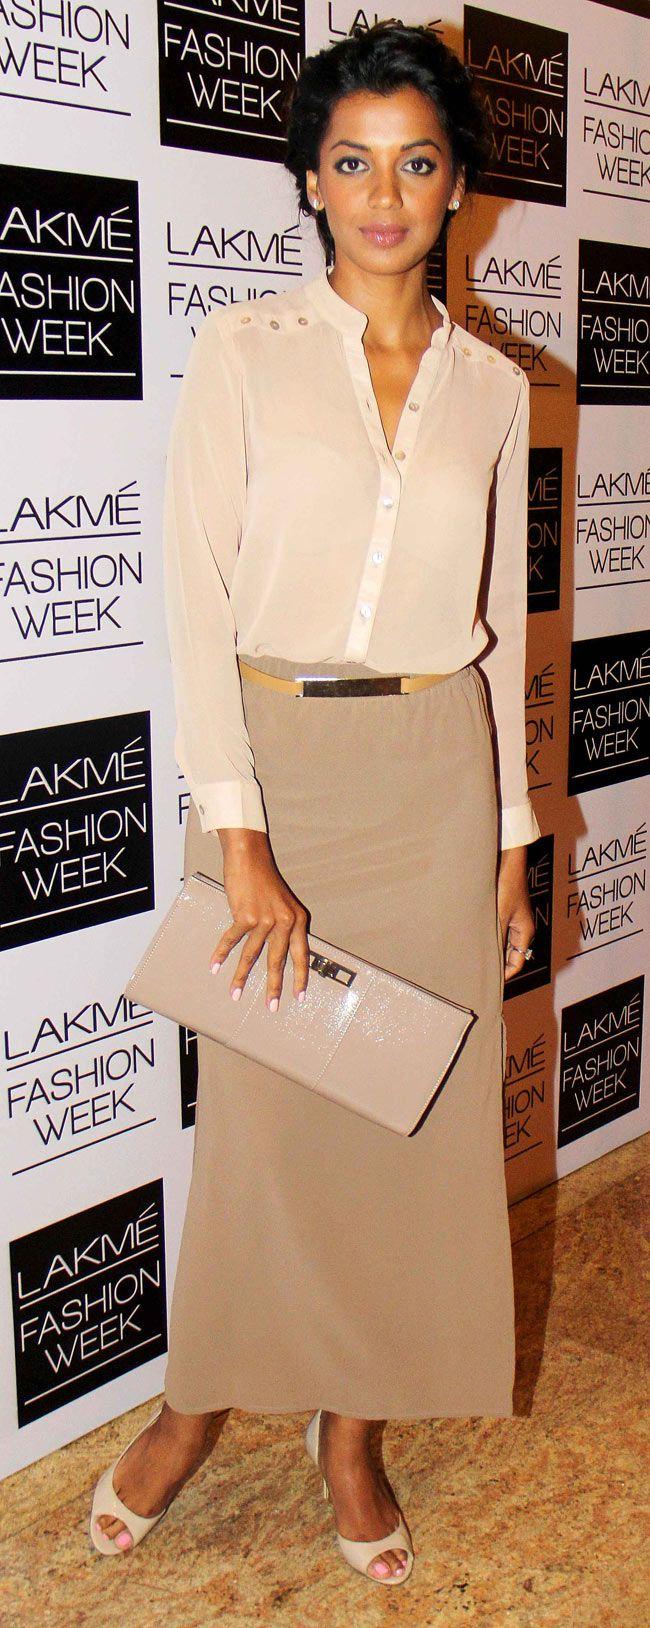 Mugdha Godse on Day 3 of the Lakme Fashion Week 2014